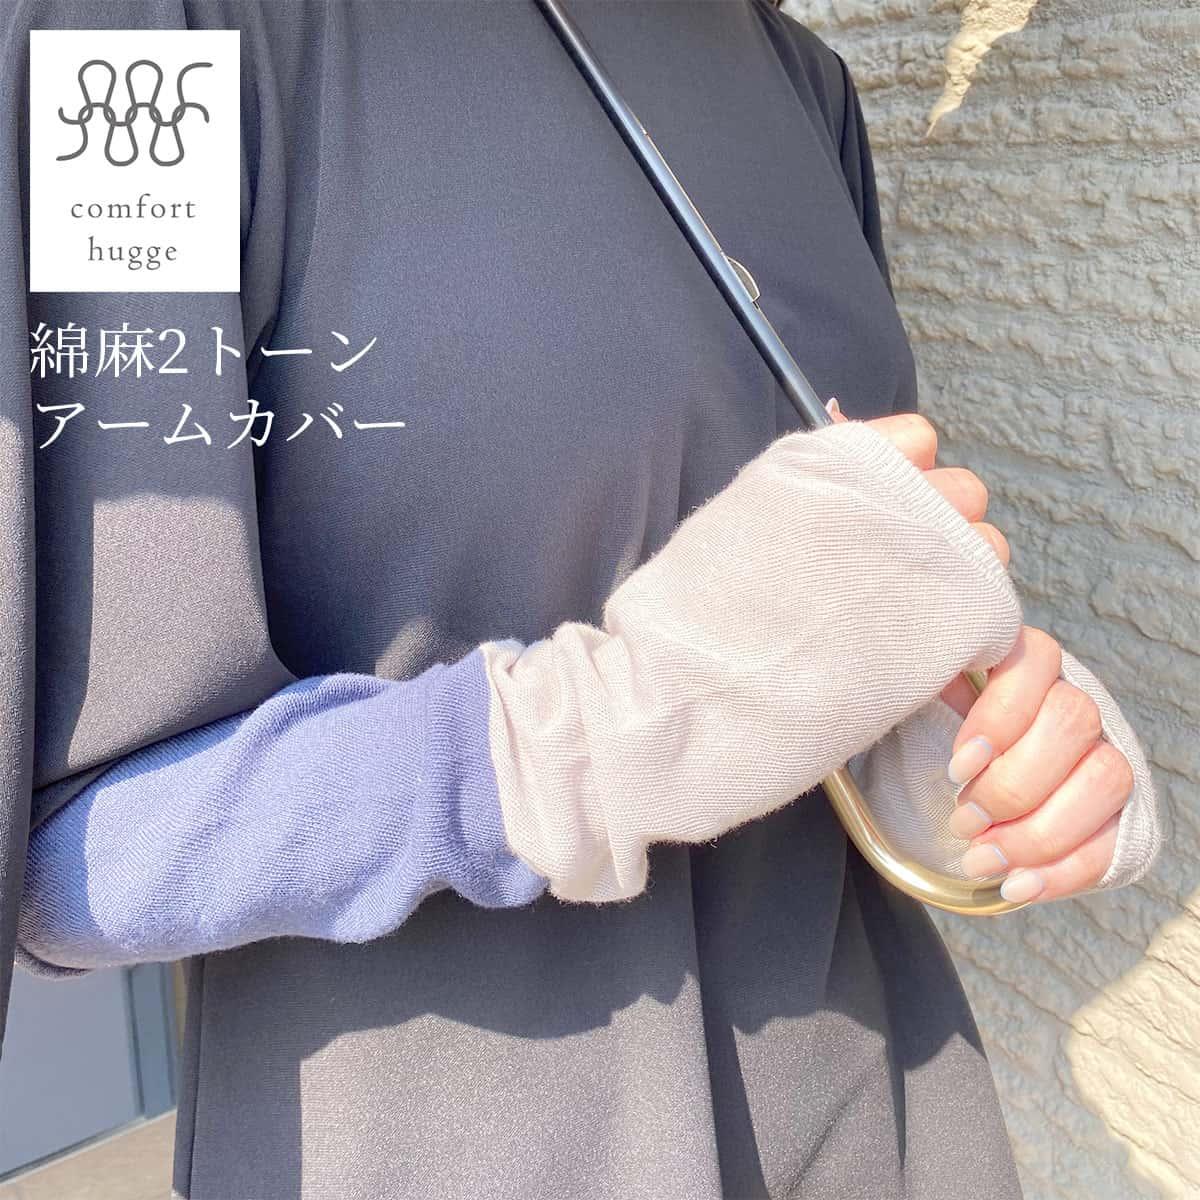 アームカバー uv レディース uv 手袋 指なし 日本製 UV対策 UVケア 紫外線カット 紫外線対策 冷房 UVカット 日焼け対策 プレゼント ギフト グッズ 日焼け防止